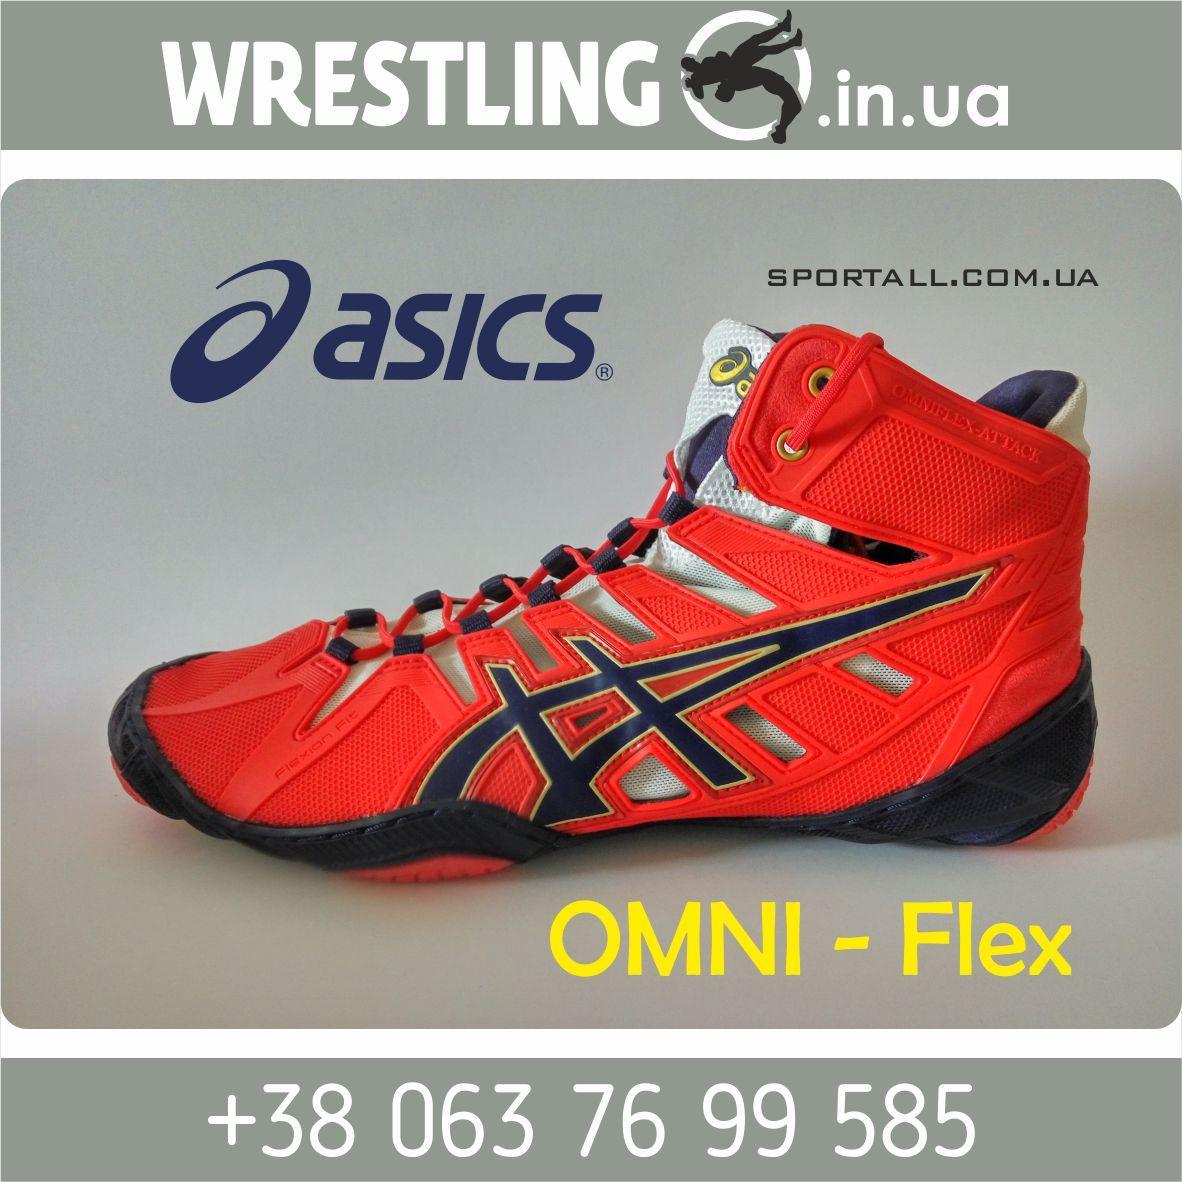 Борцовки боксерки ASICS OMNIFLEX-ATTACK™ wrestling shoe - wrestling.in.ua в 9e2c1b91ebb